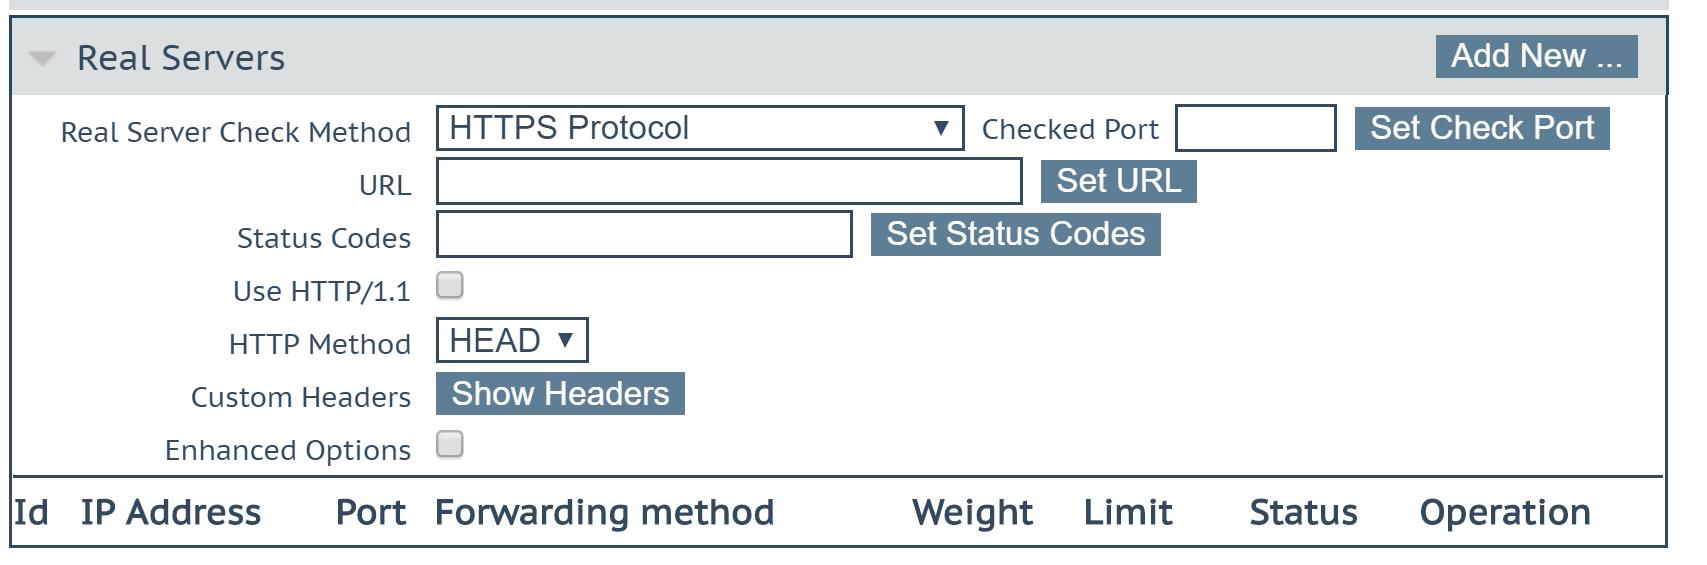 Kemp LoadMaster - Real Servers